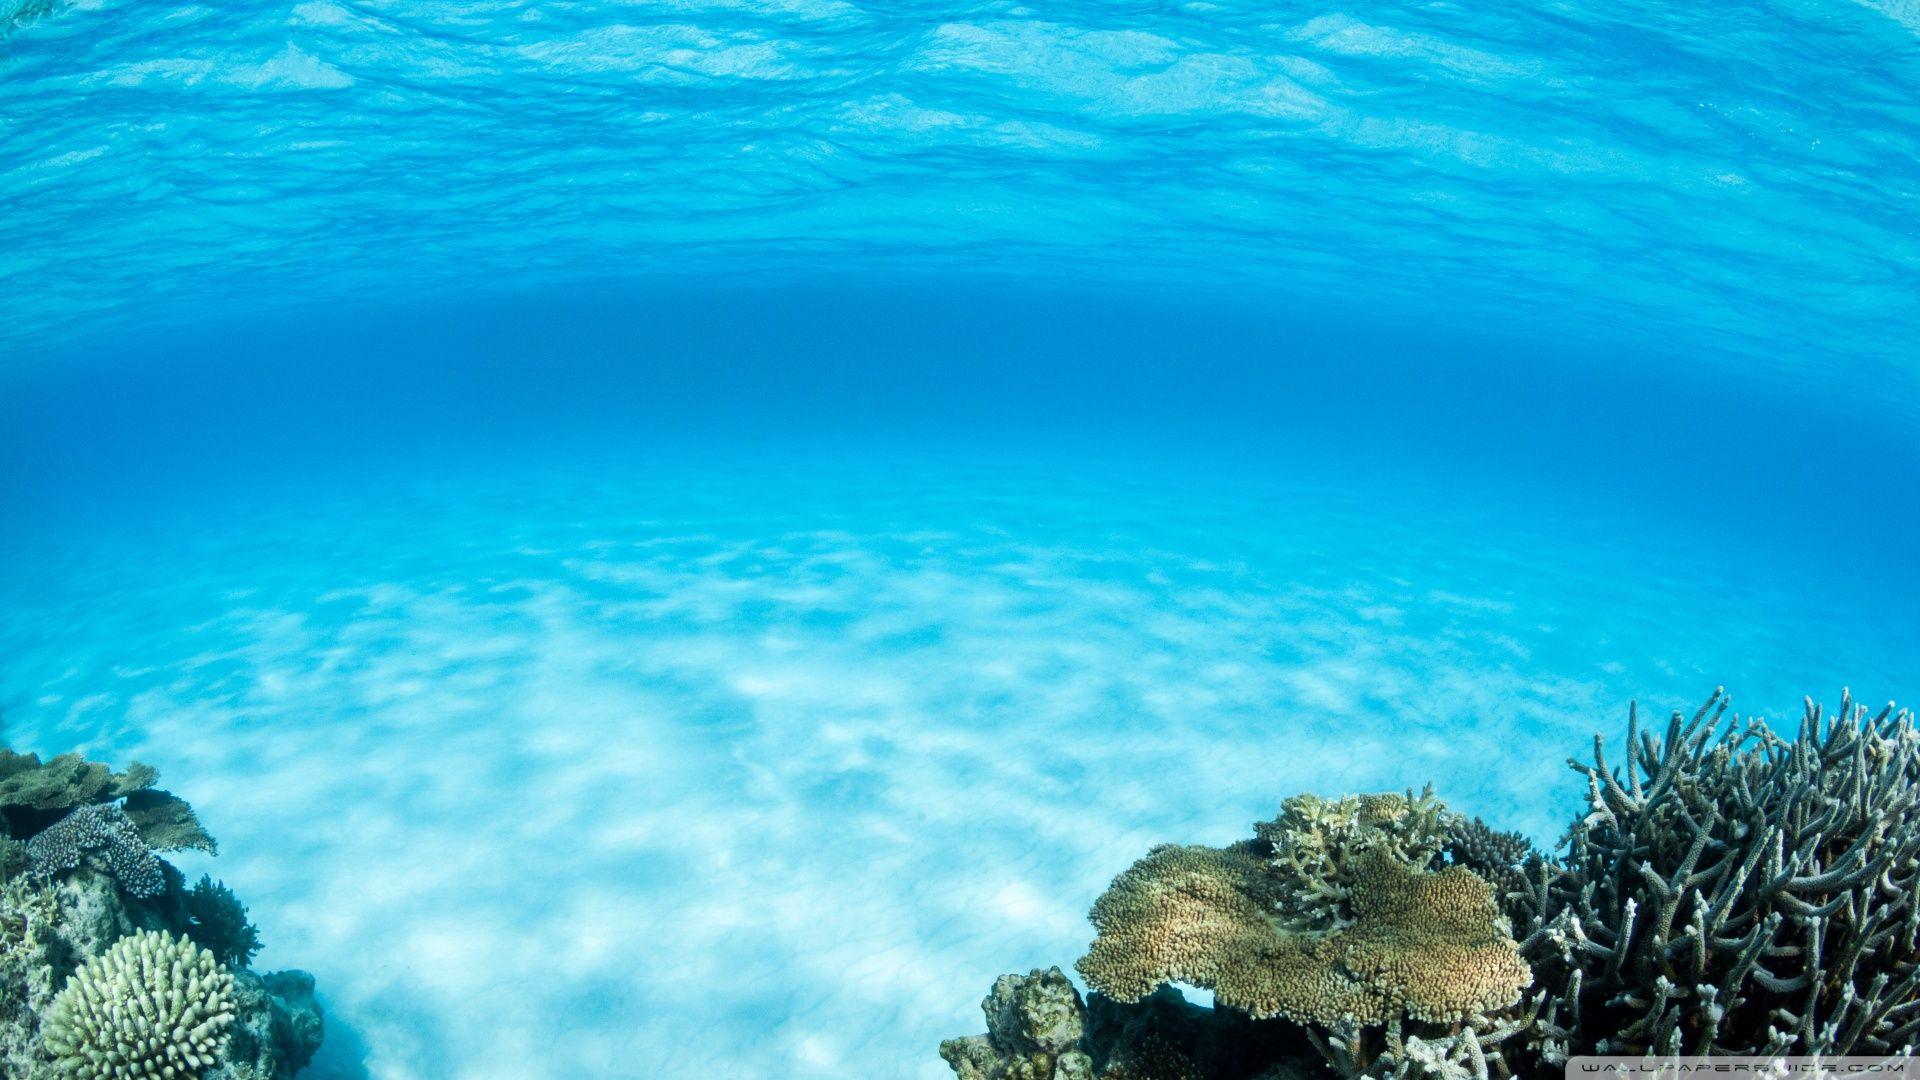 Ocean Themed High Quality